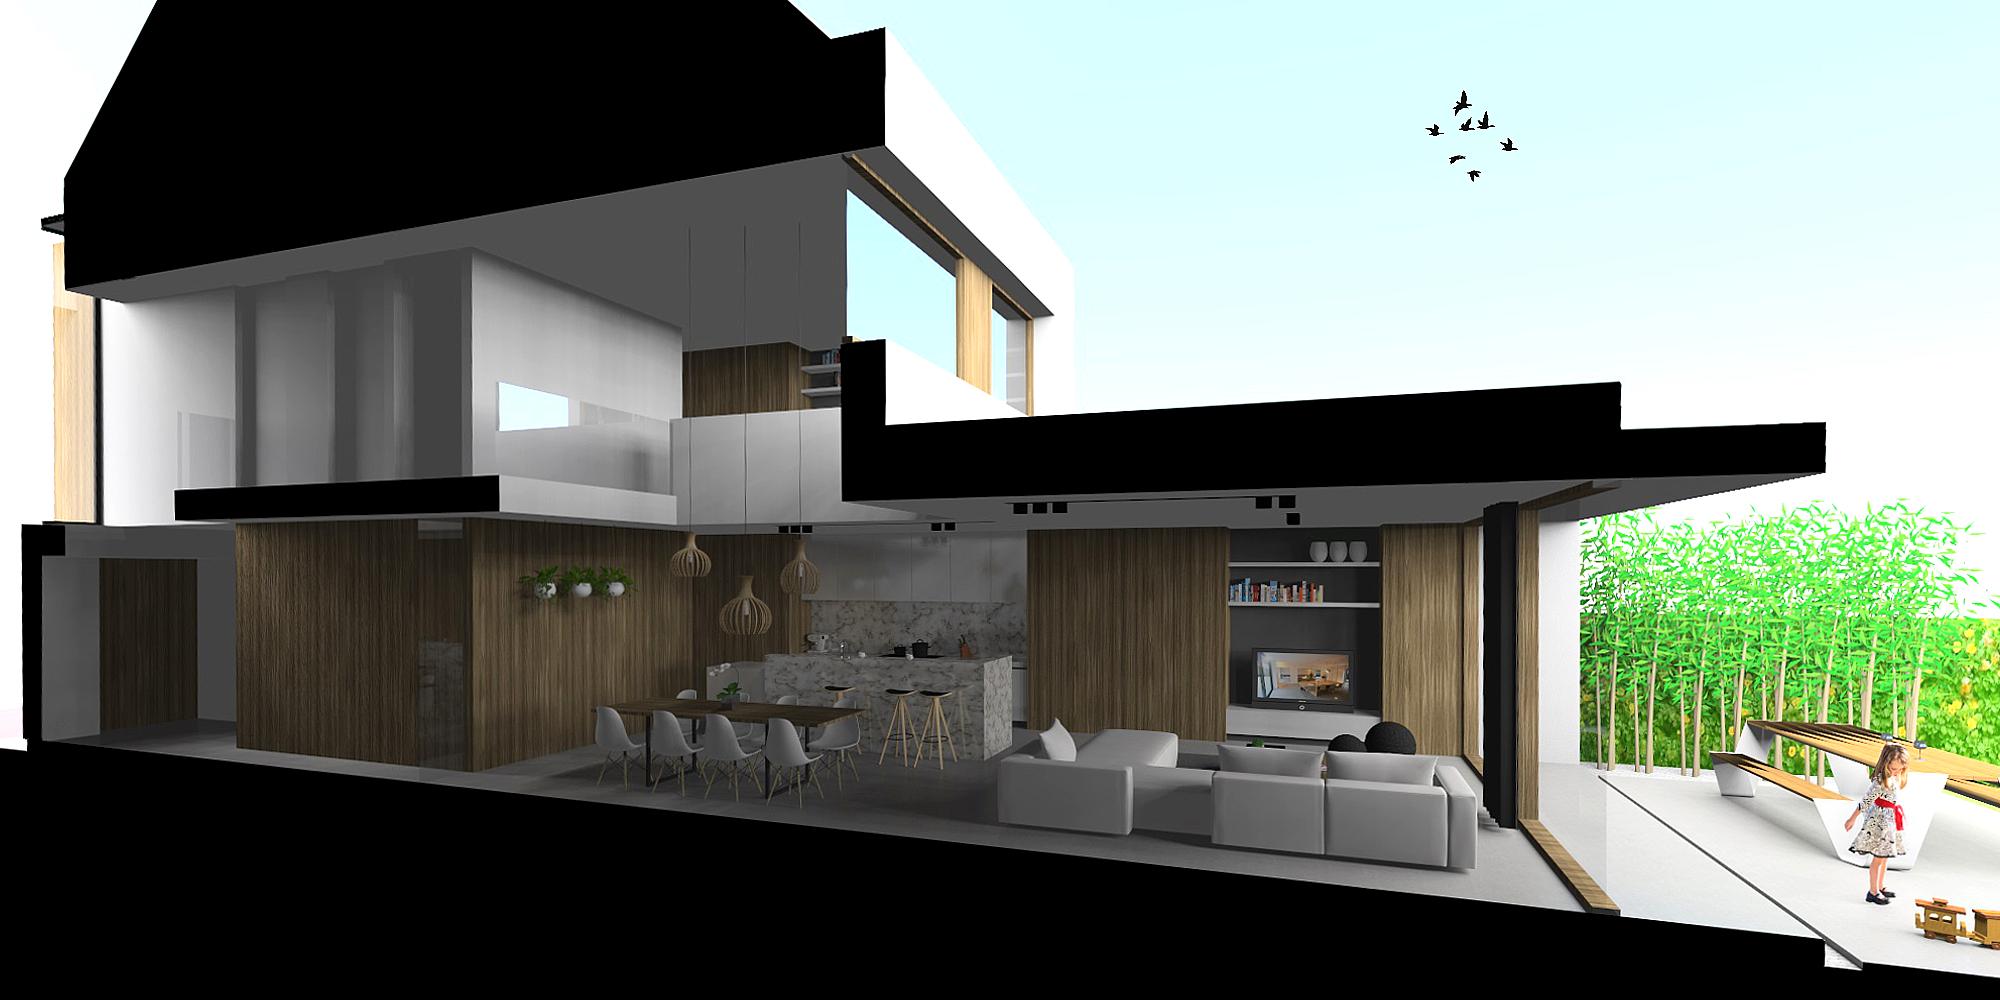 ARTEA concepts - Hinnestraat - 3D 01.jpg